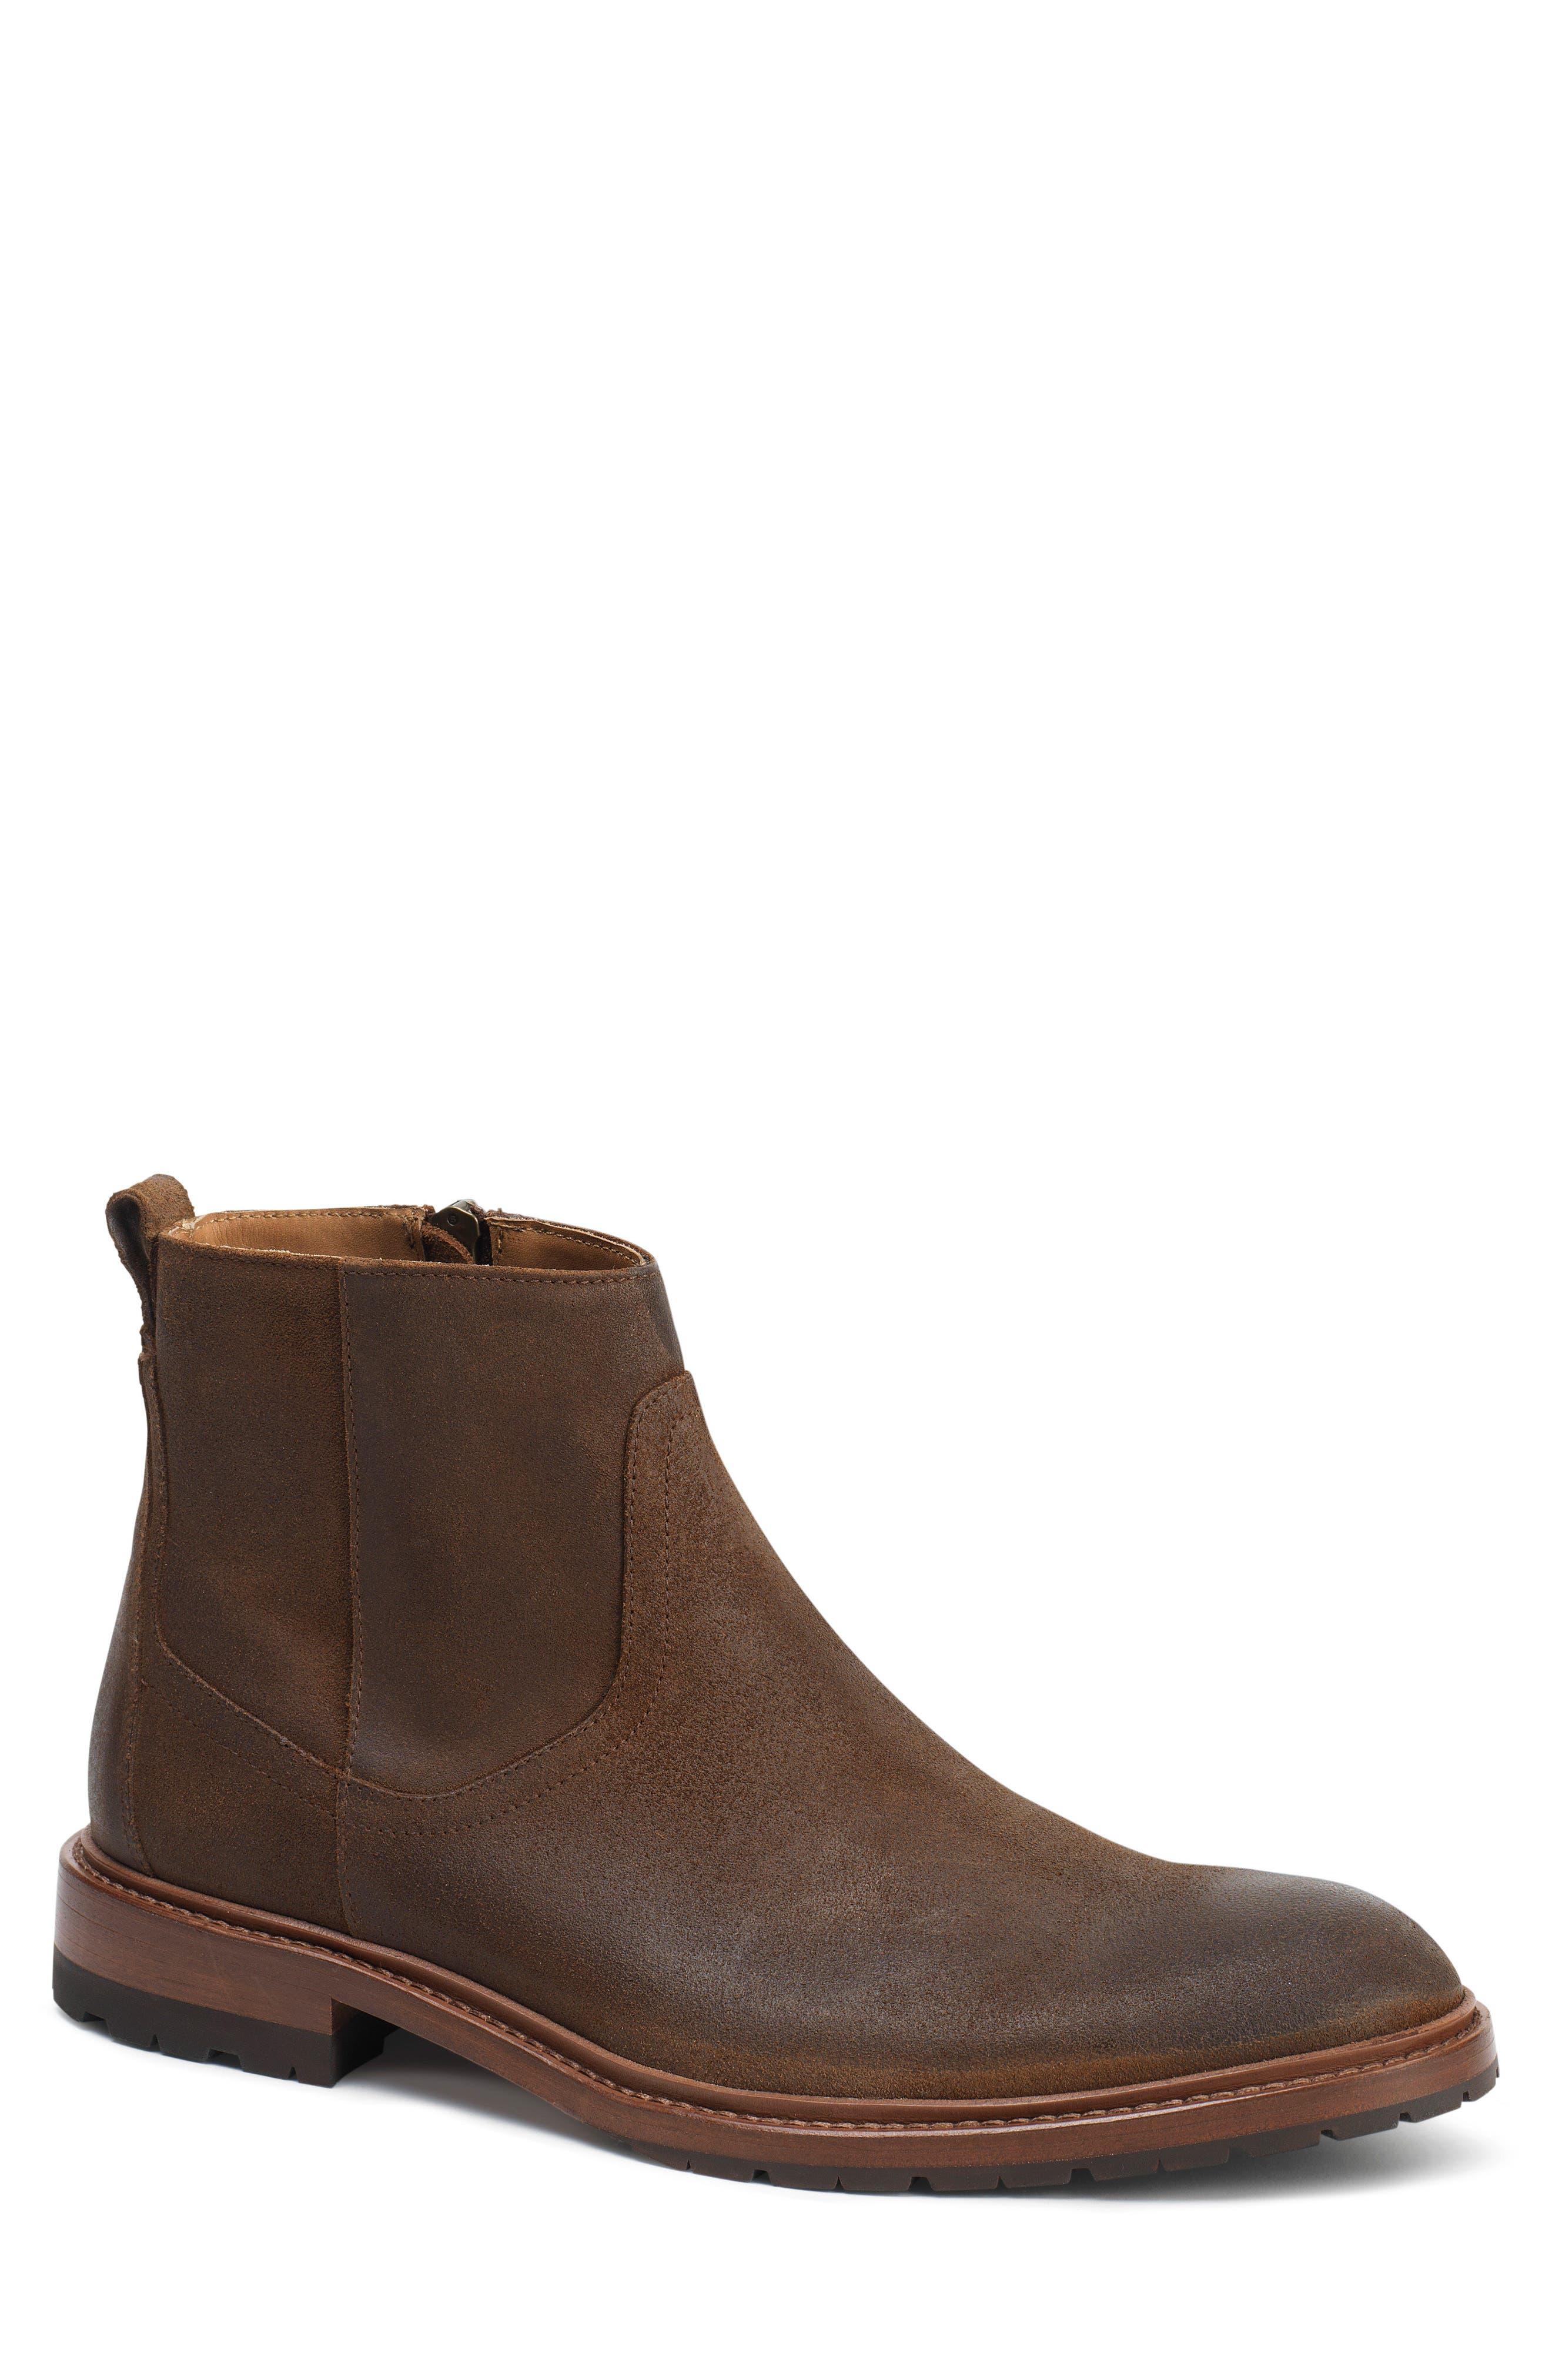 Trask Larkin Zip Boot, Brown